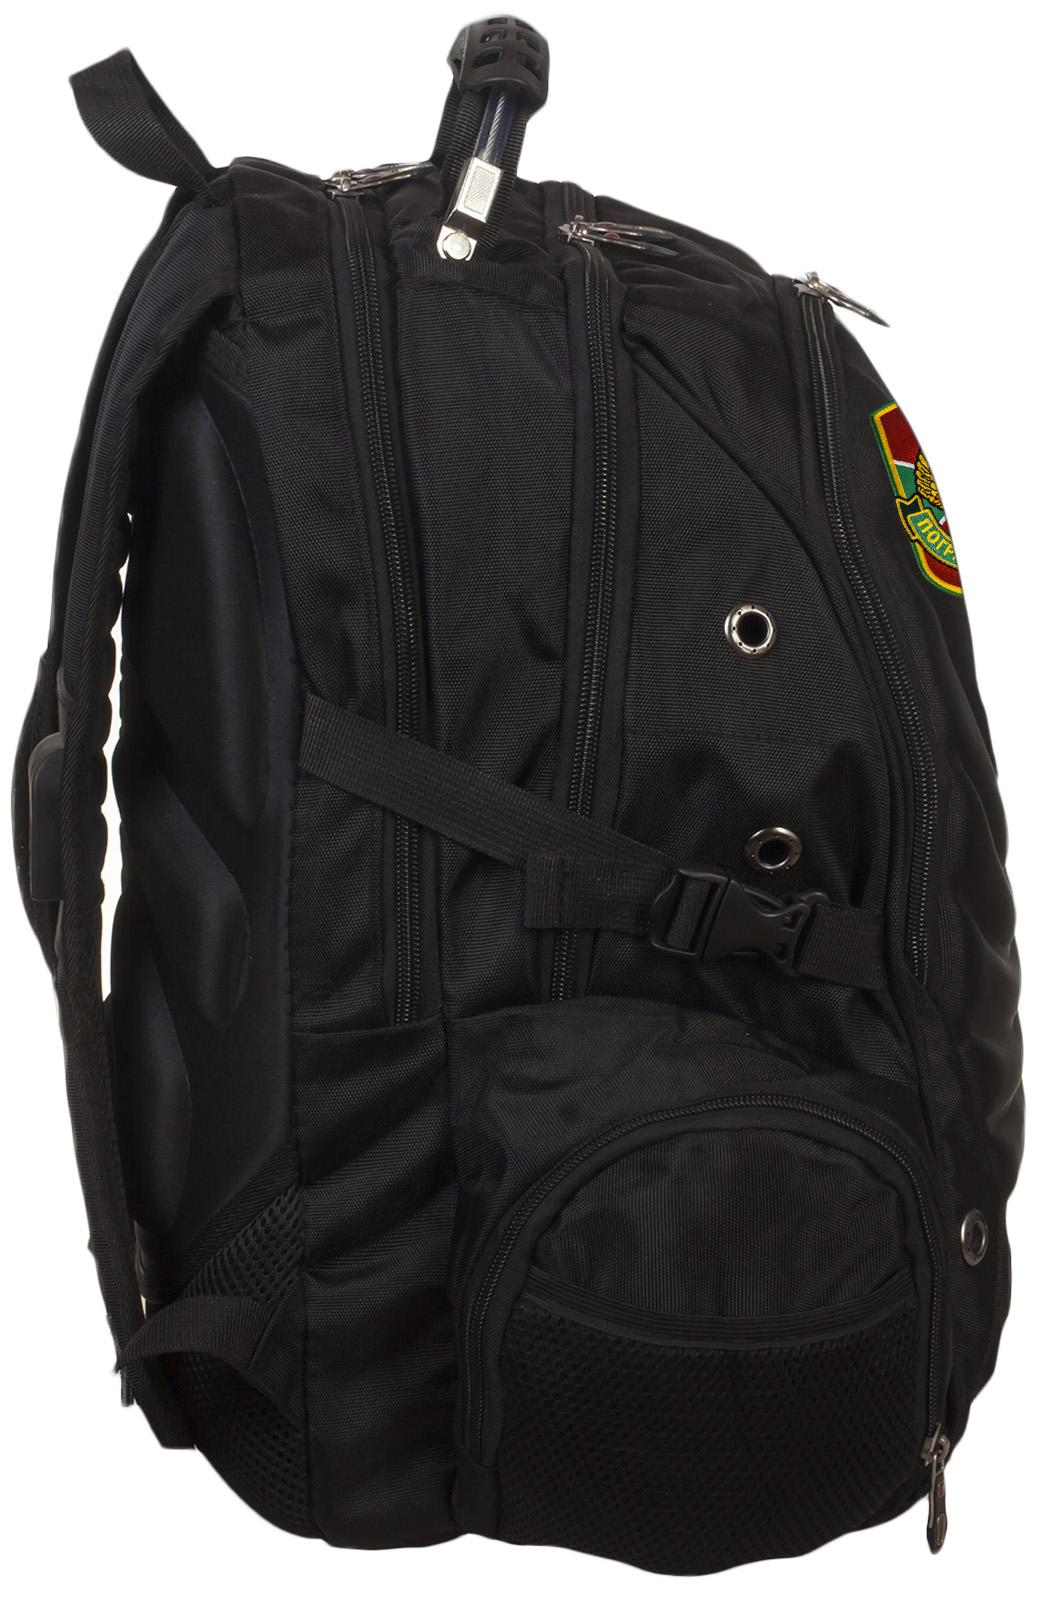 Крутой рюкзак с эмблемой Пограничной службы купить в подарок